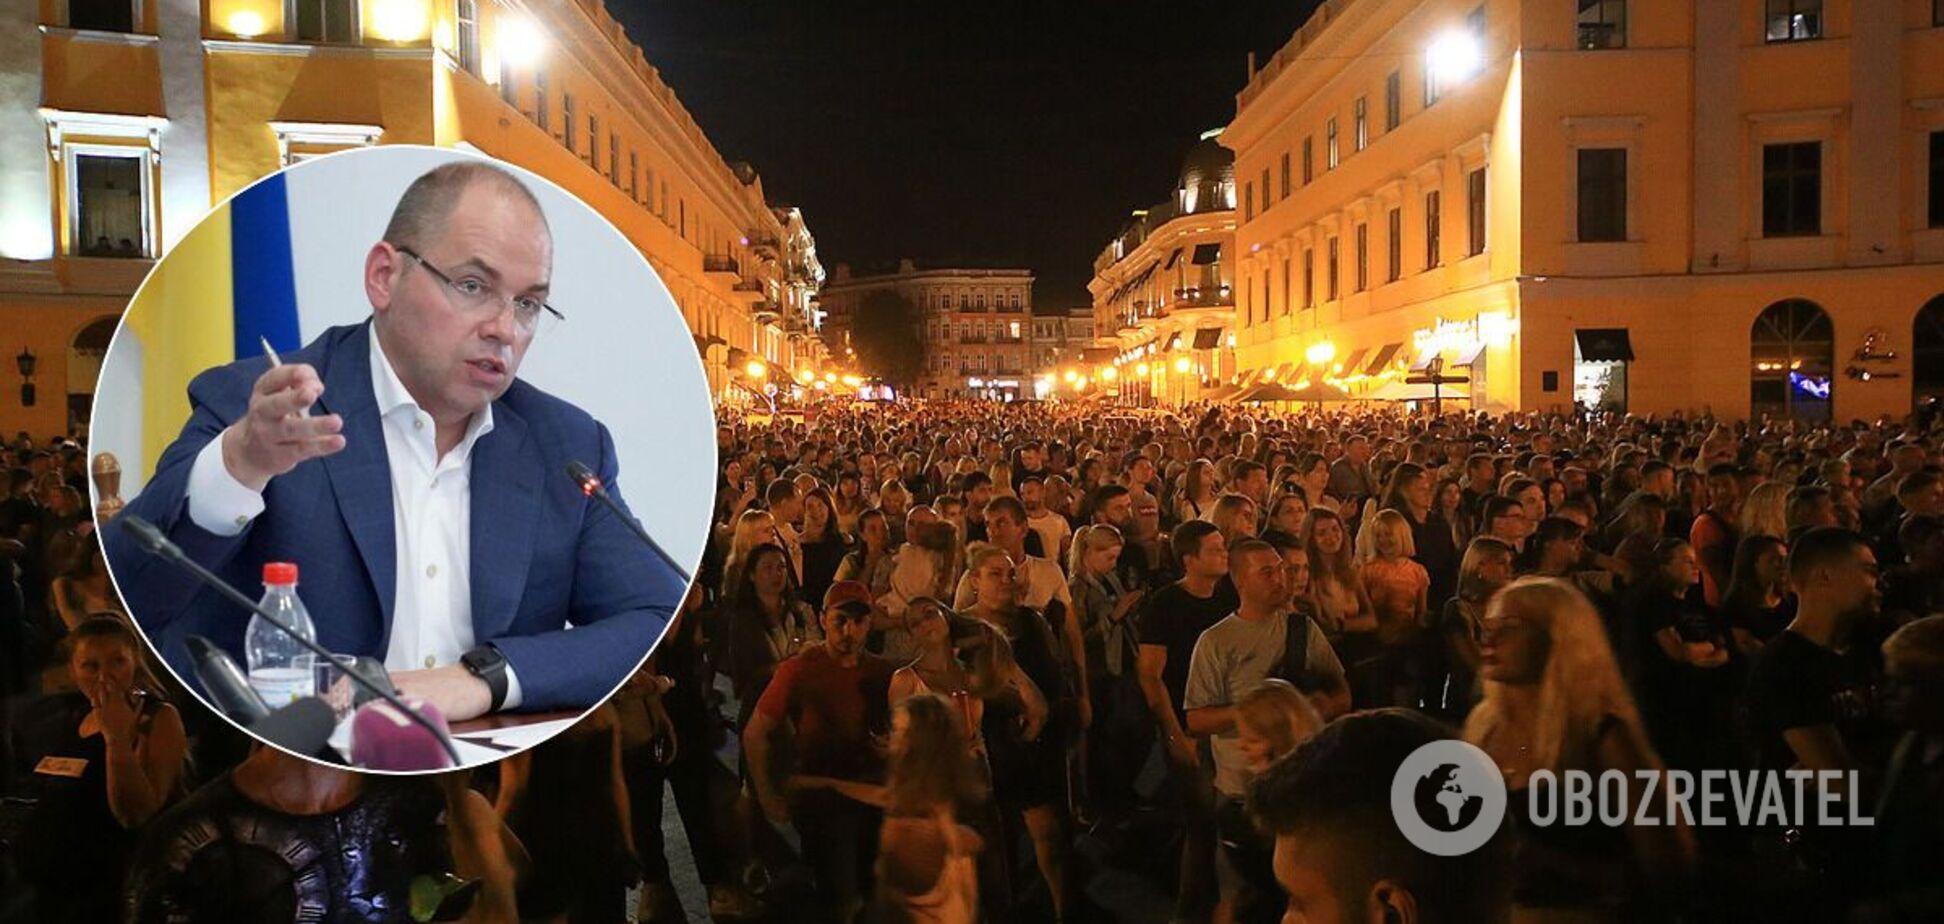 Десятки тысяч людей собрались на площади без масок в Одессе